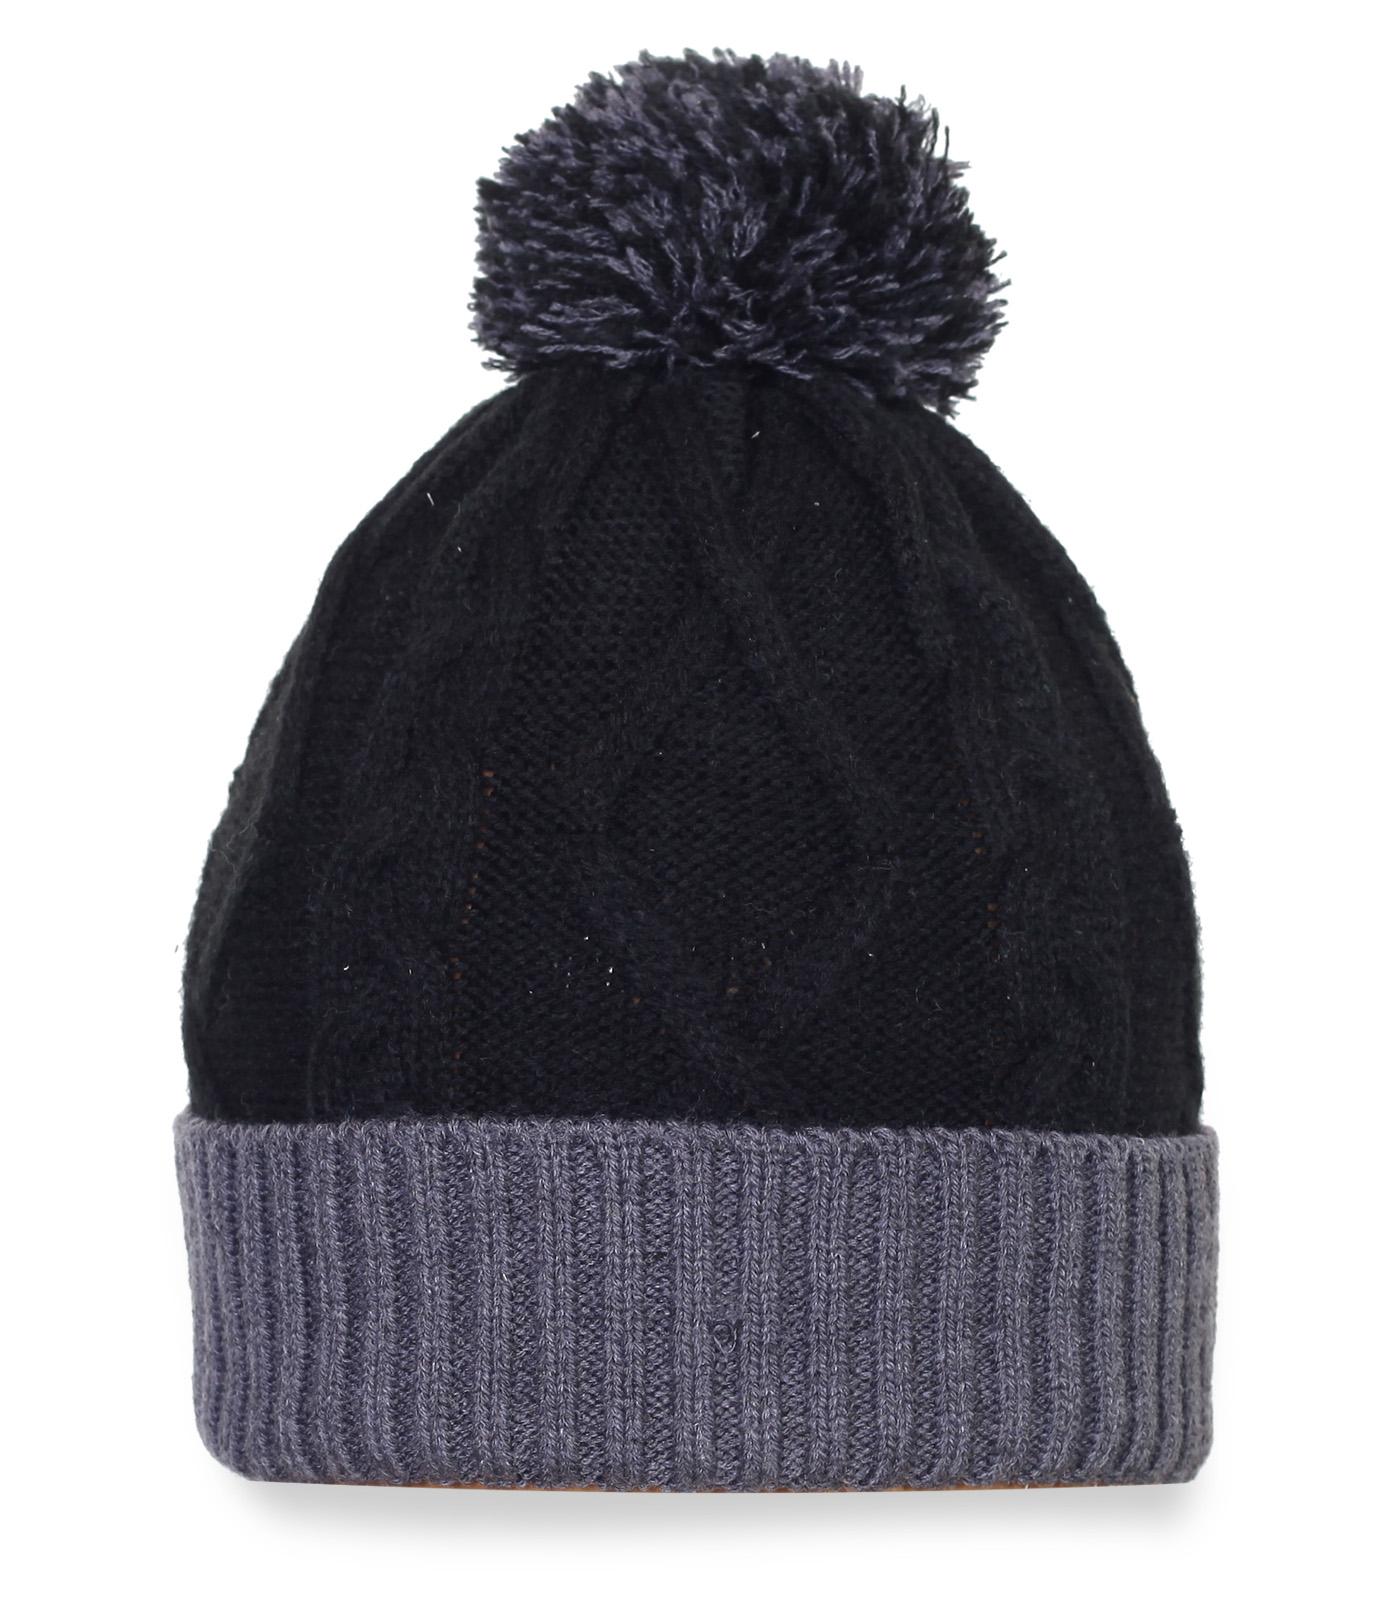 Топовая зимняя шапка с помпоном